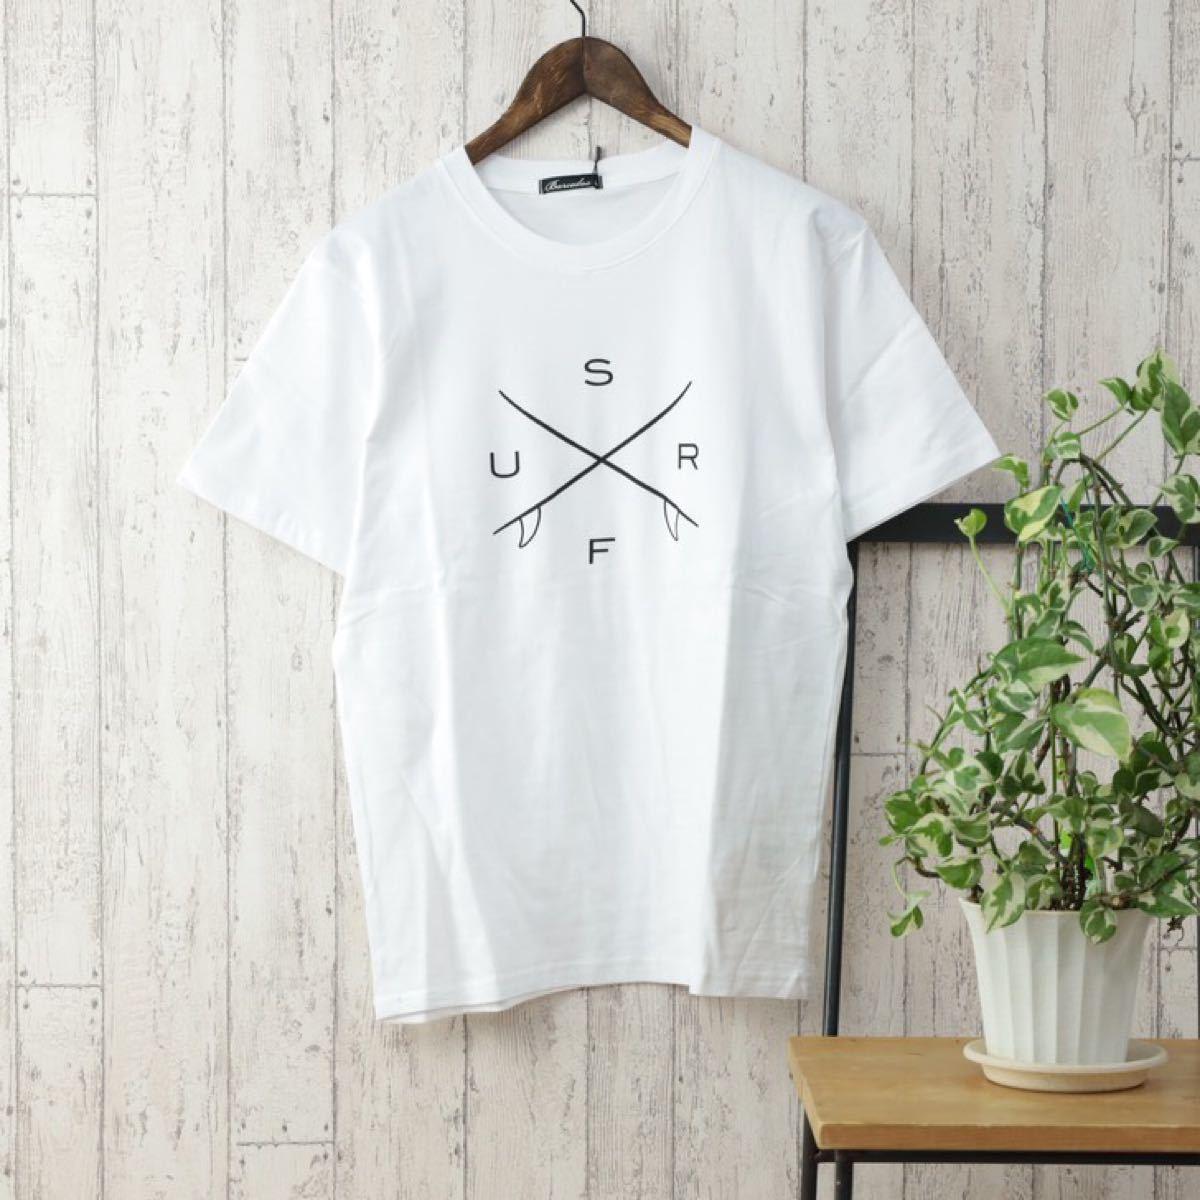 半袖Tシャツ メンズ クルーネック ロゴプリント 春 夏 カットソー サーフ